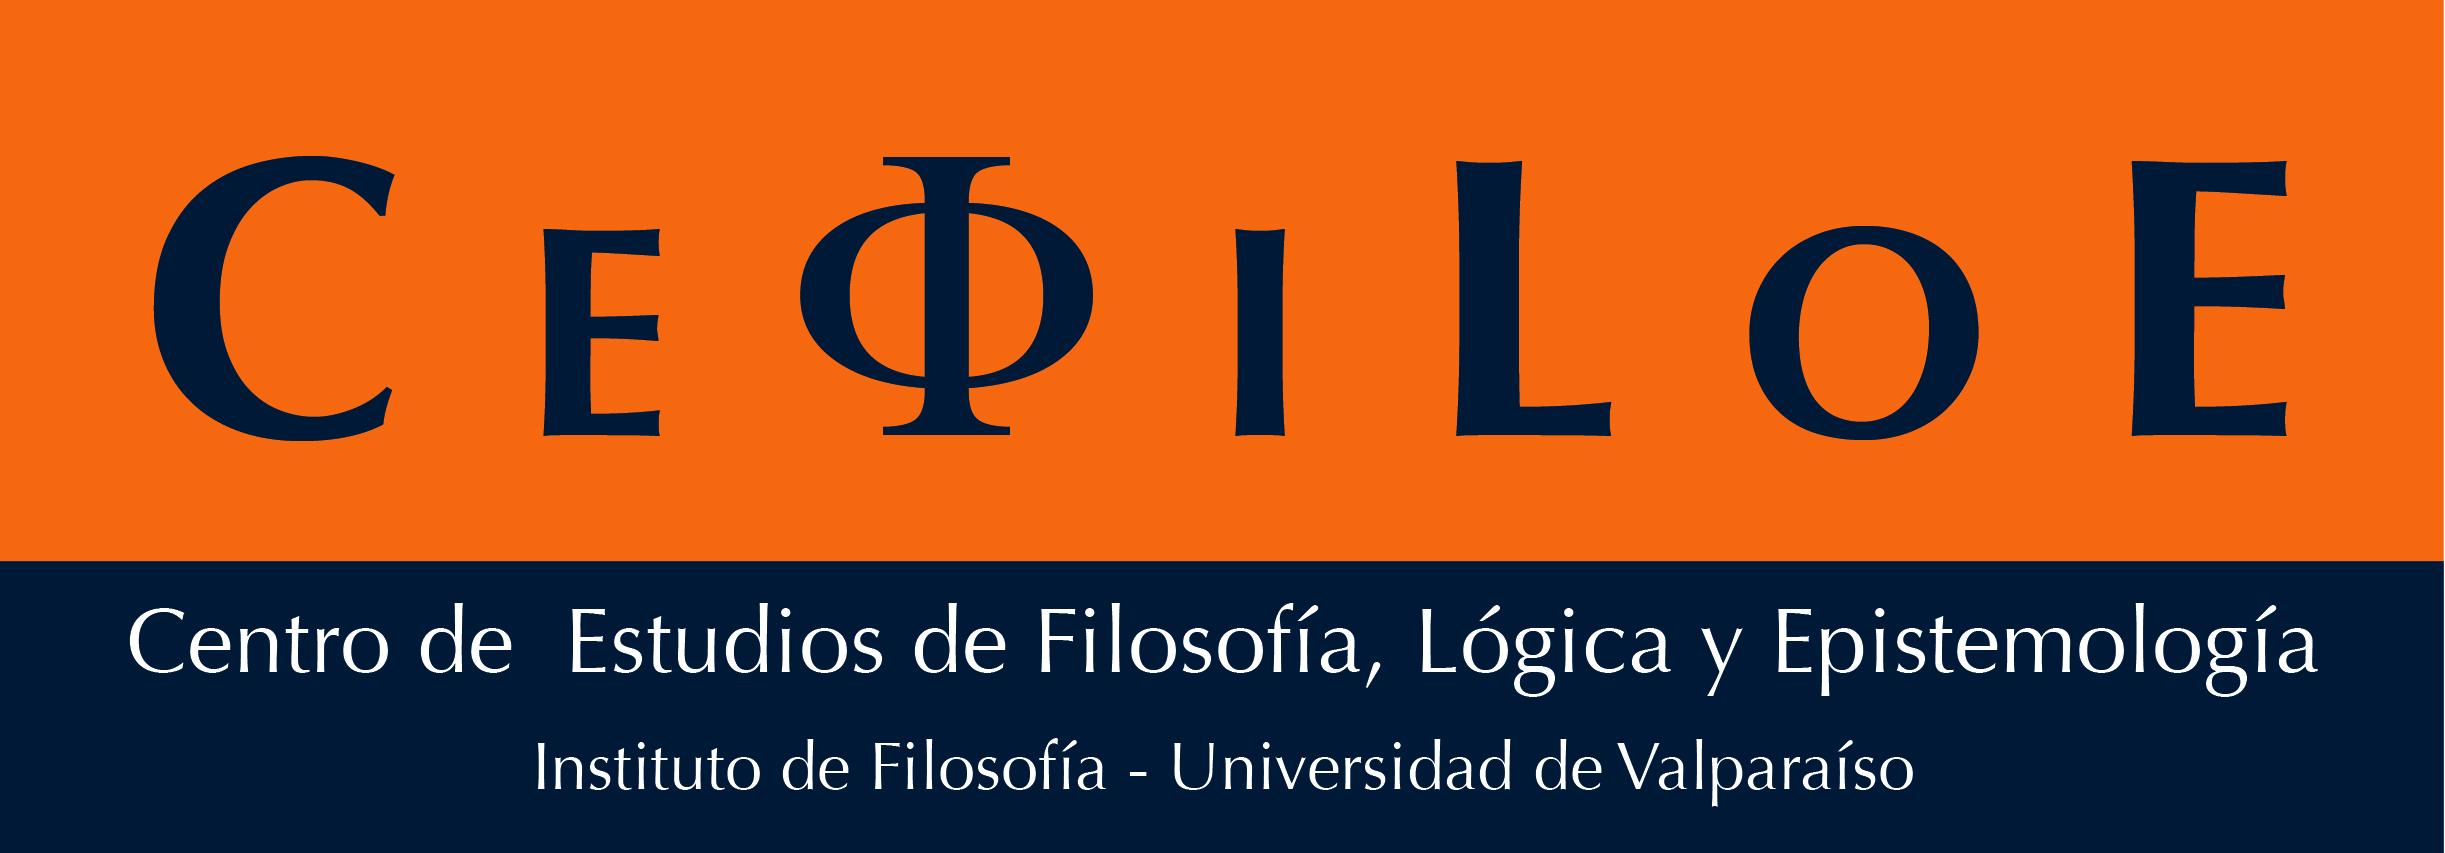 Centro de Filosofía, Lógica y Epistemología